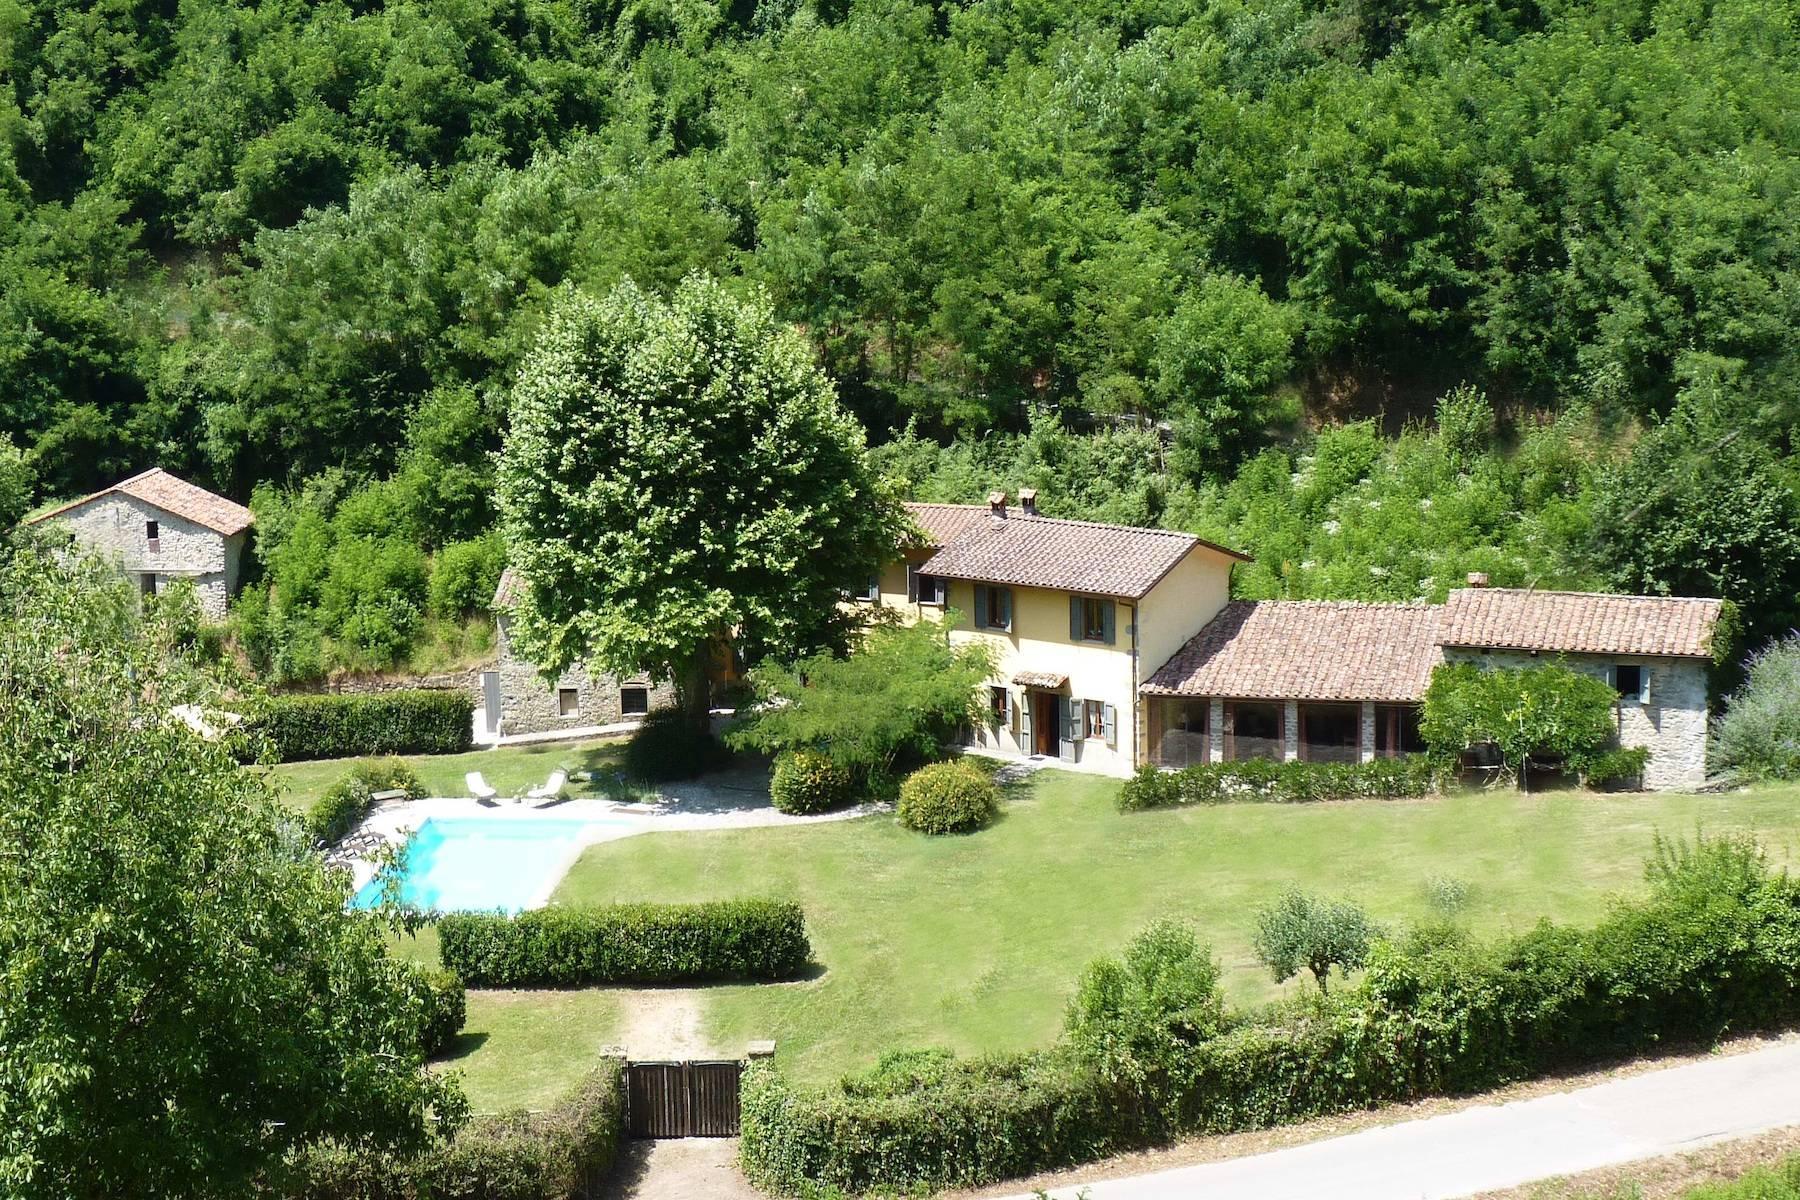 Maison de campagne enchantée sur les collines autour de Lucca - 2